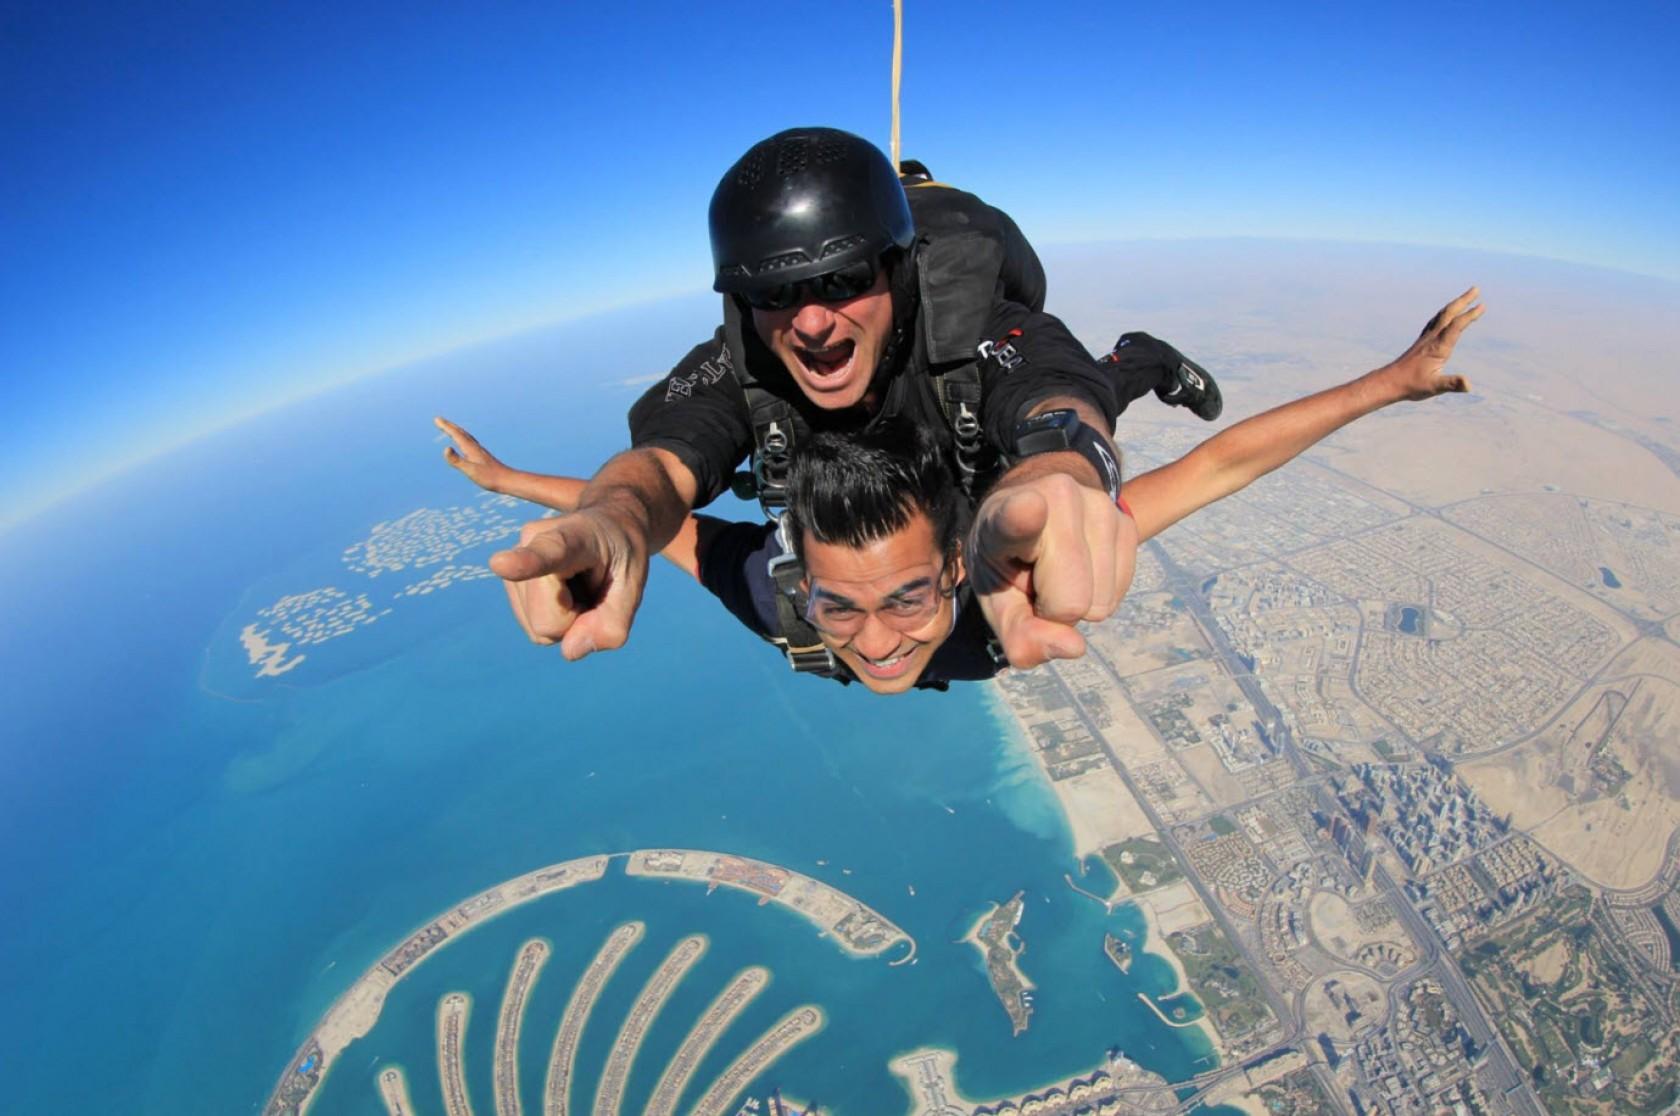 comment se deroulera votre seance de parachute